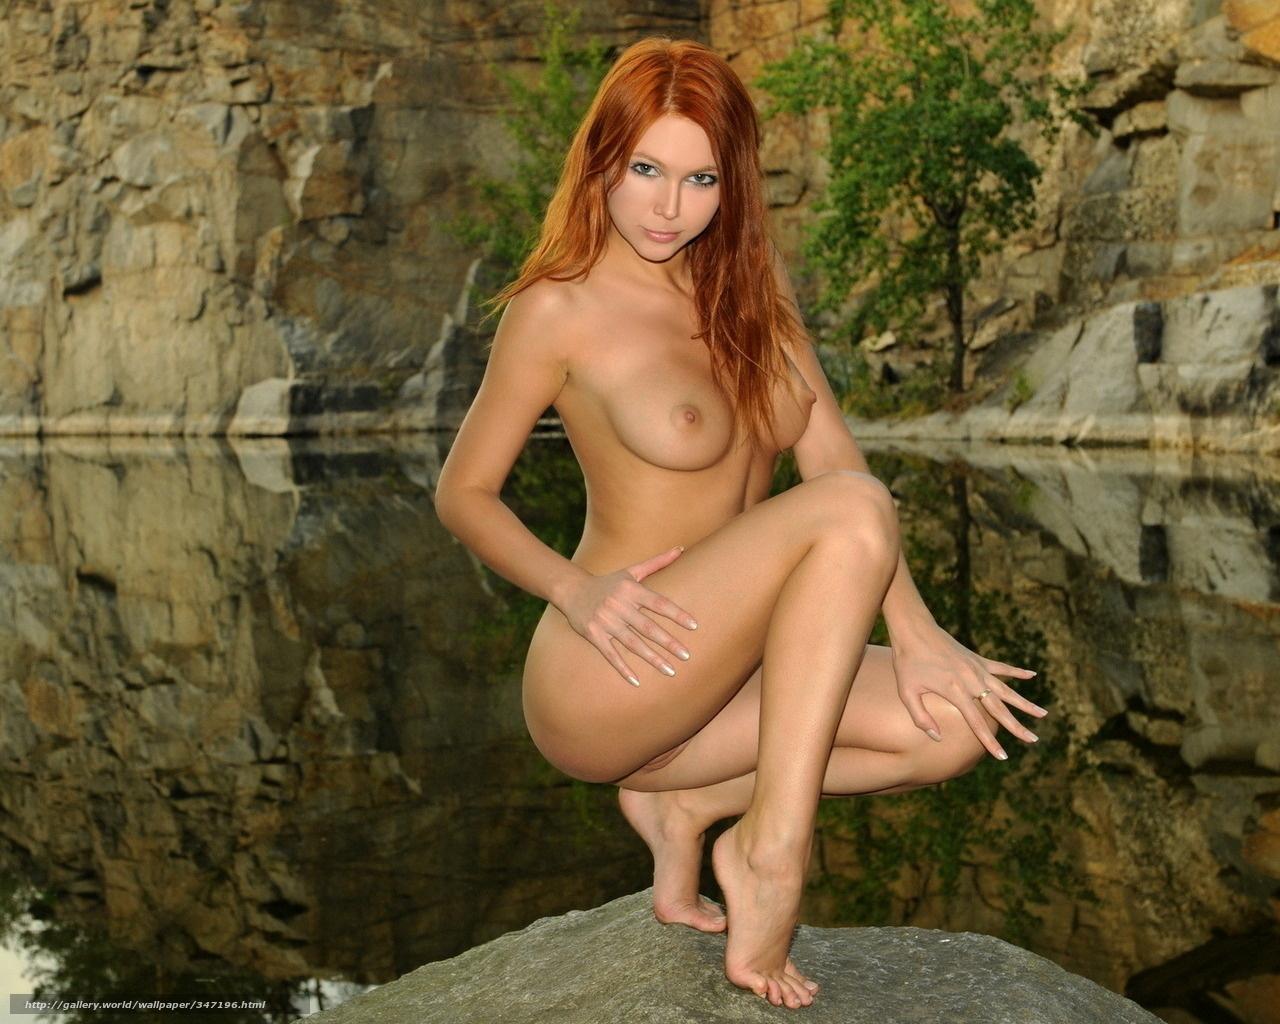 Смотреть онлайн фото красивых голых девушек бесплатно 16 фотография